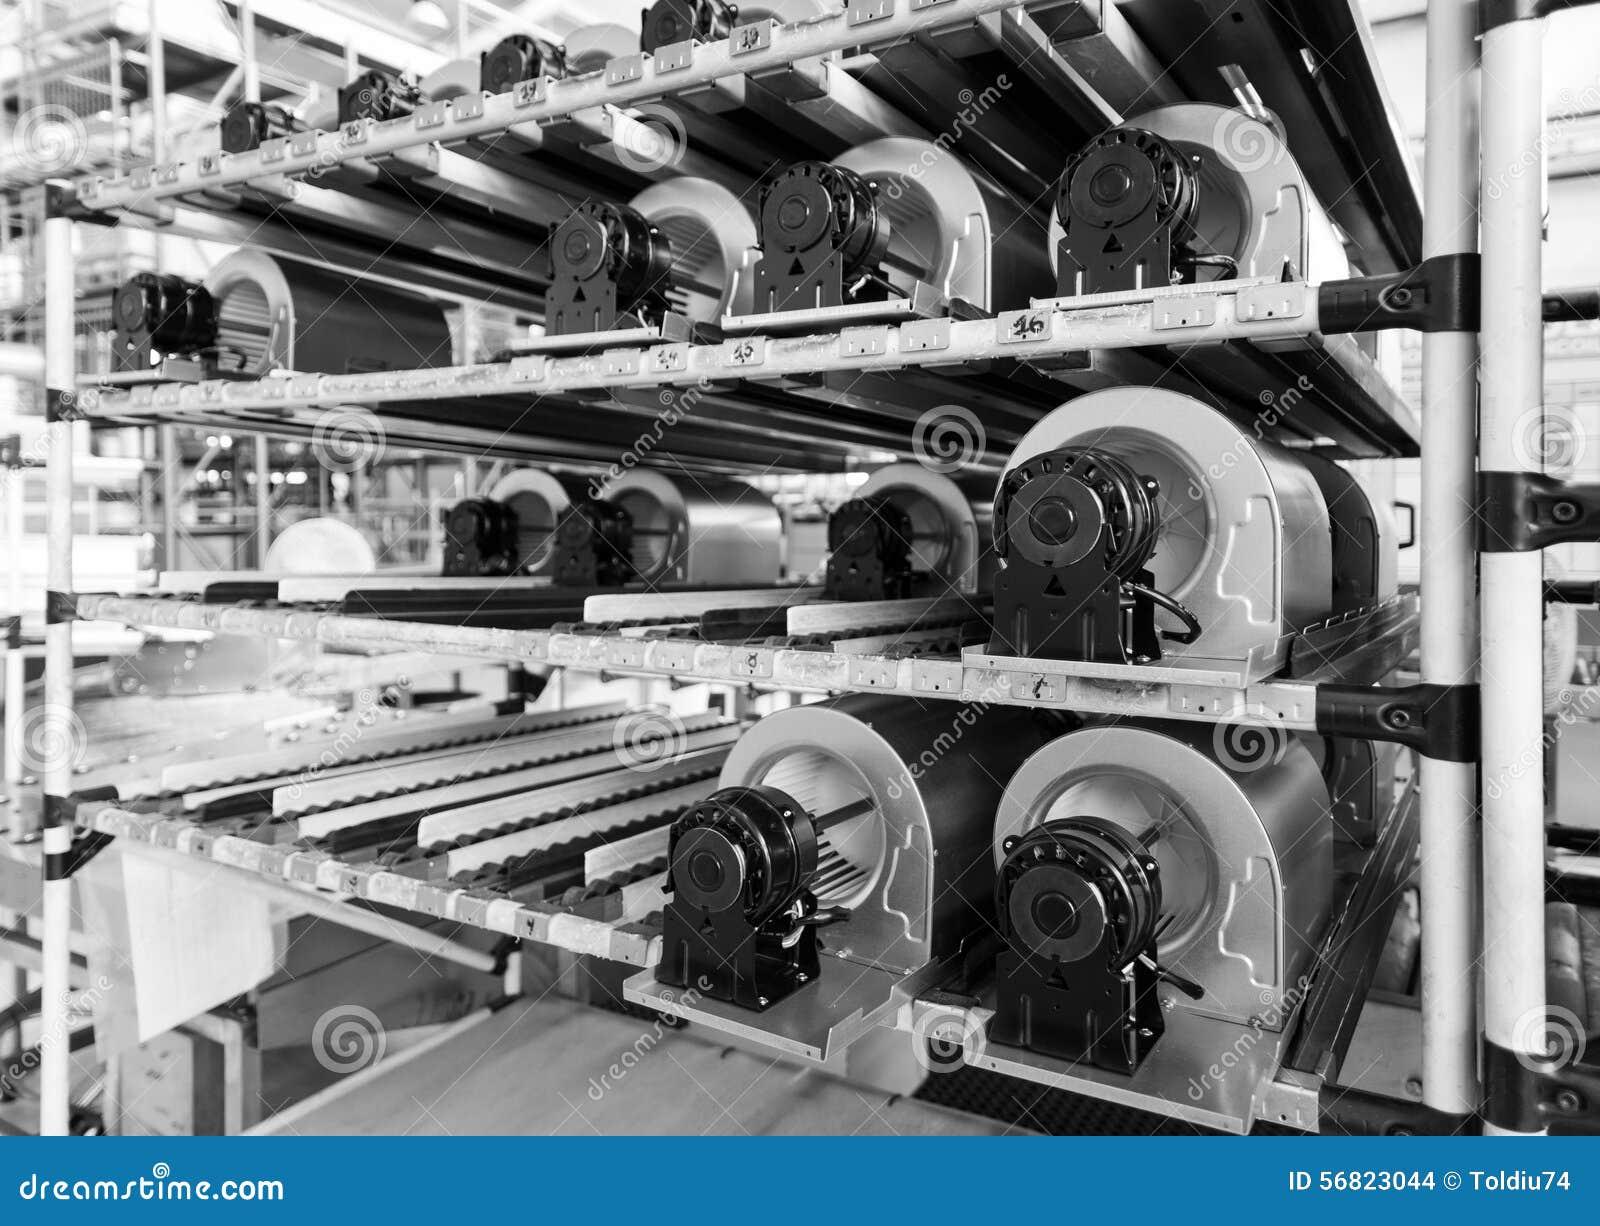 Ventilatormotoren op rollen gravitatie klaar om worden gebruikt